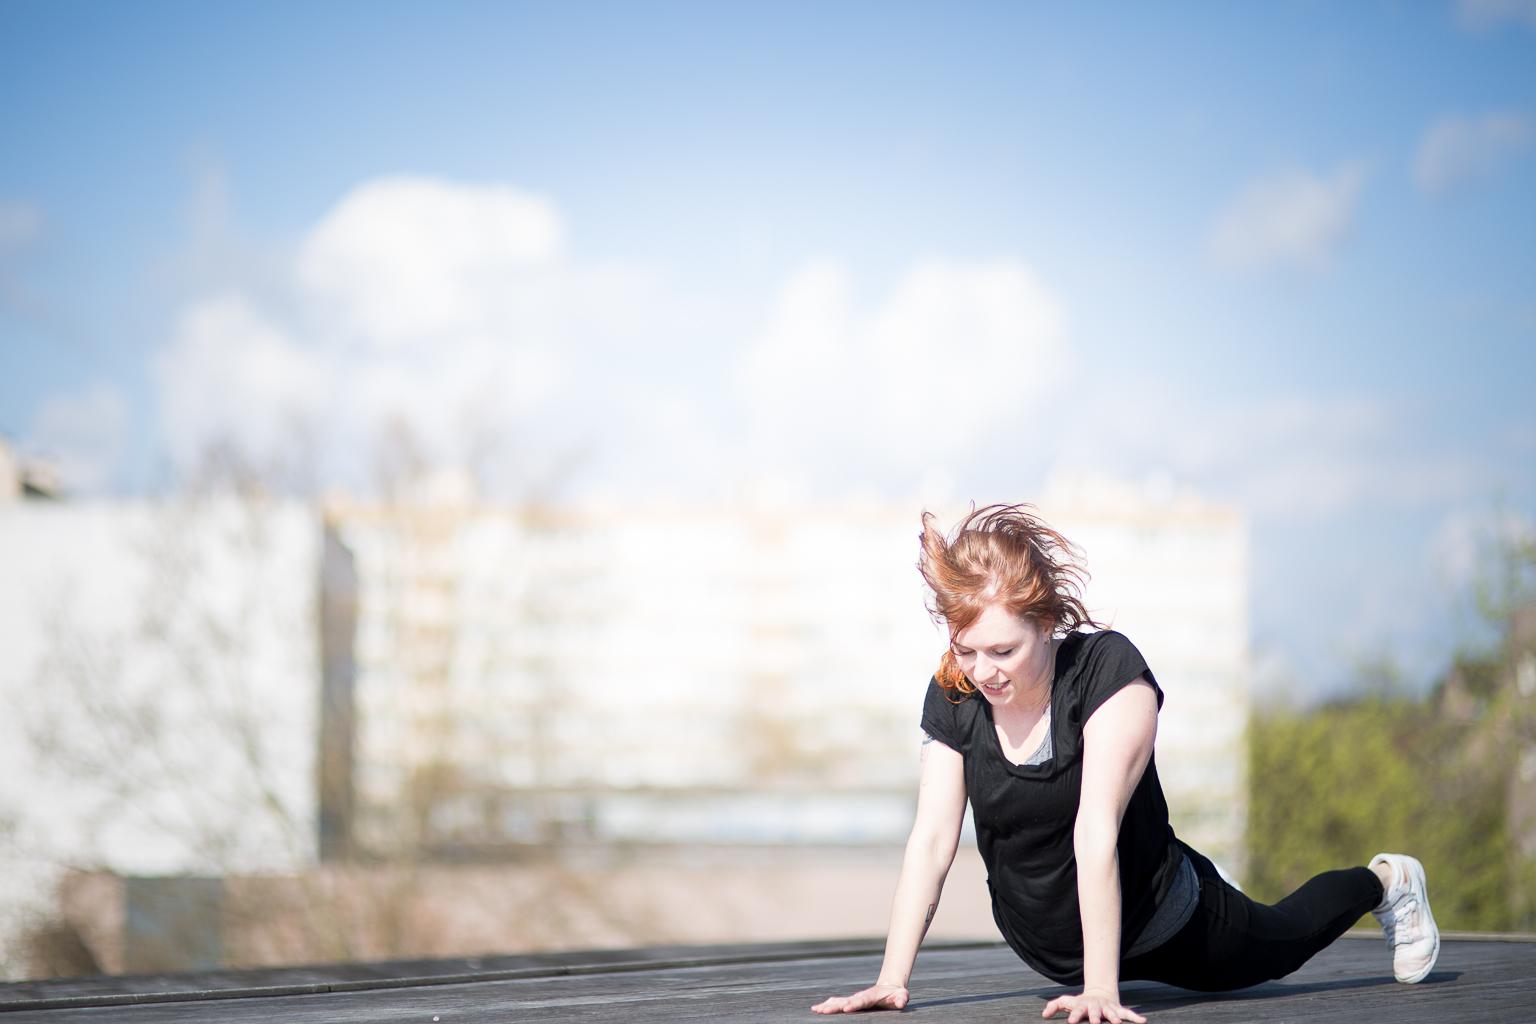 jeune femme au sol, en appui sur ses bras tendus